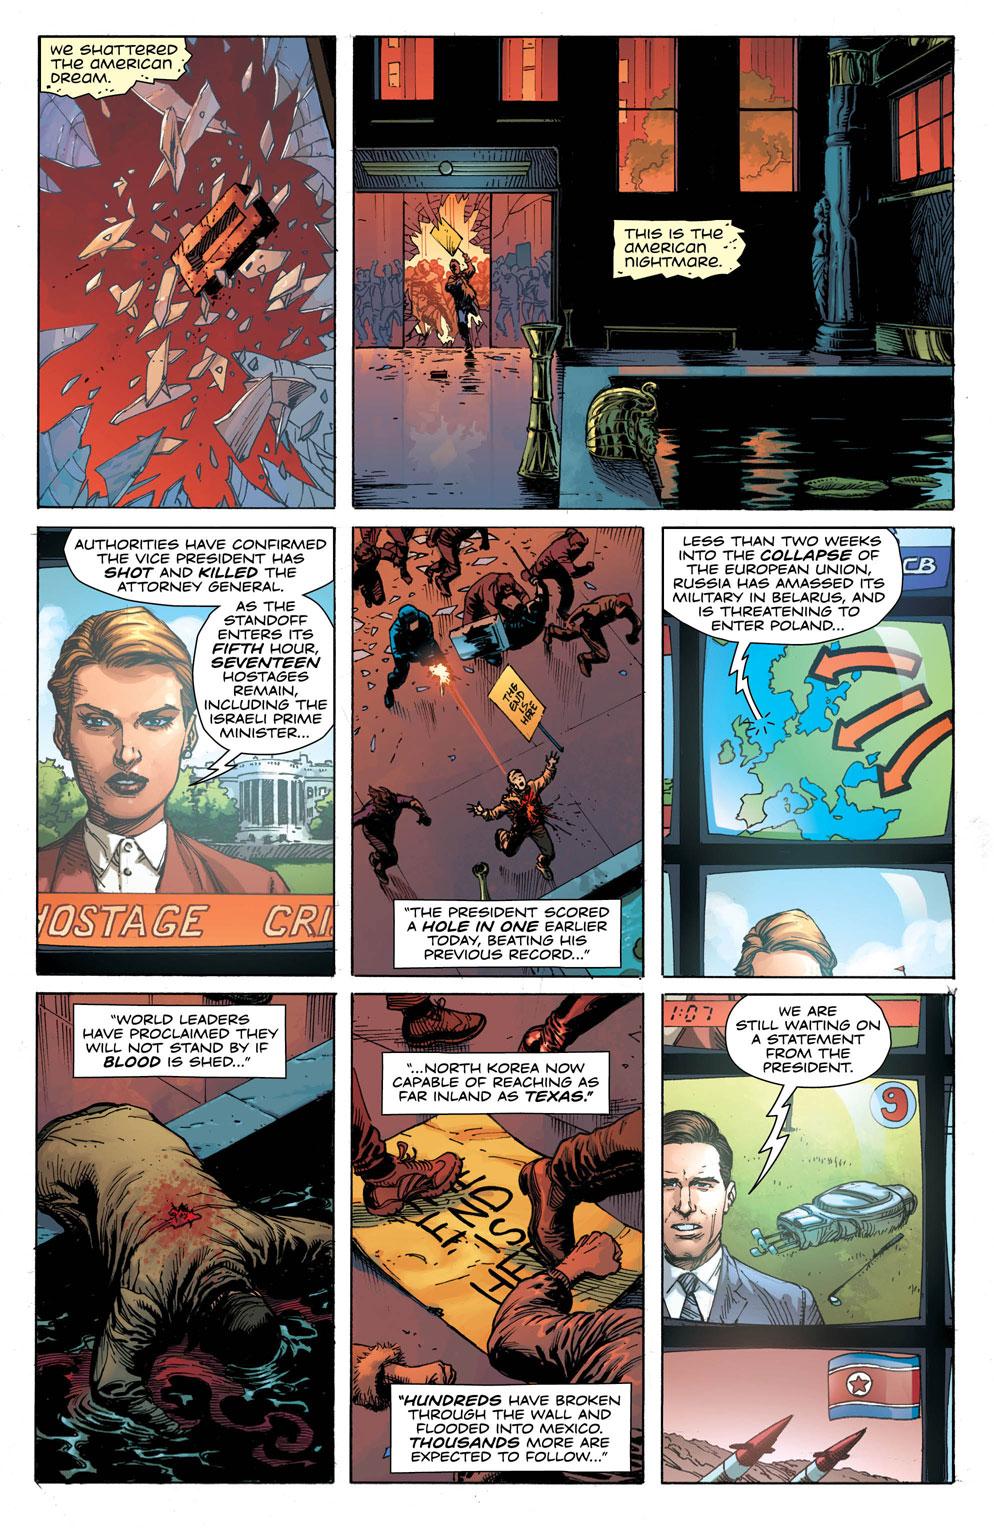 Doomsday Clock 1_2 - DC Comics News